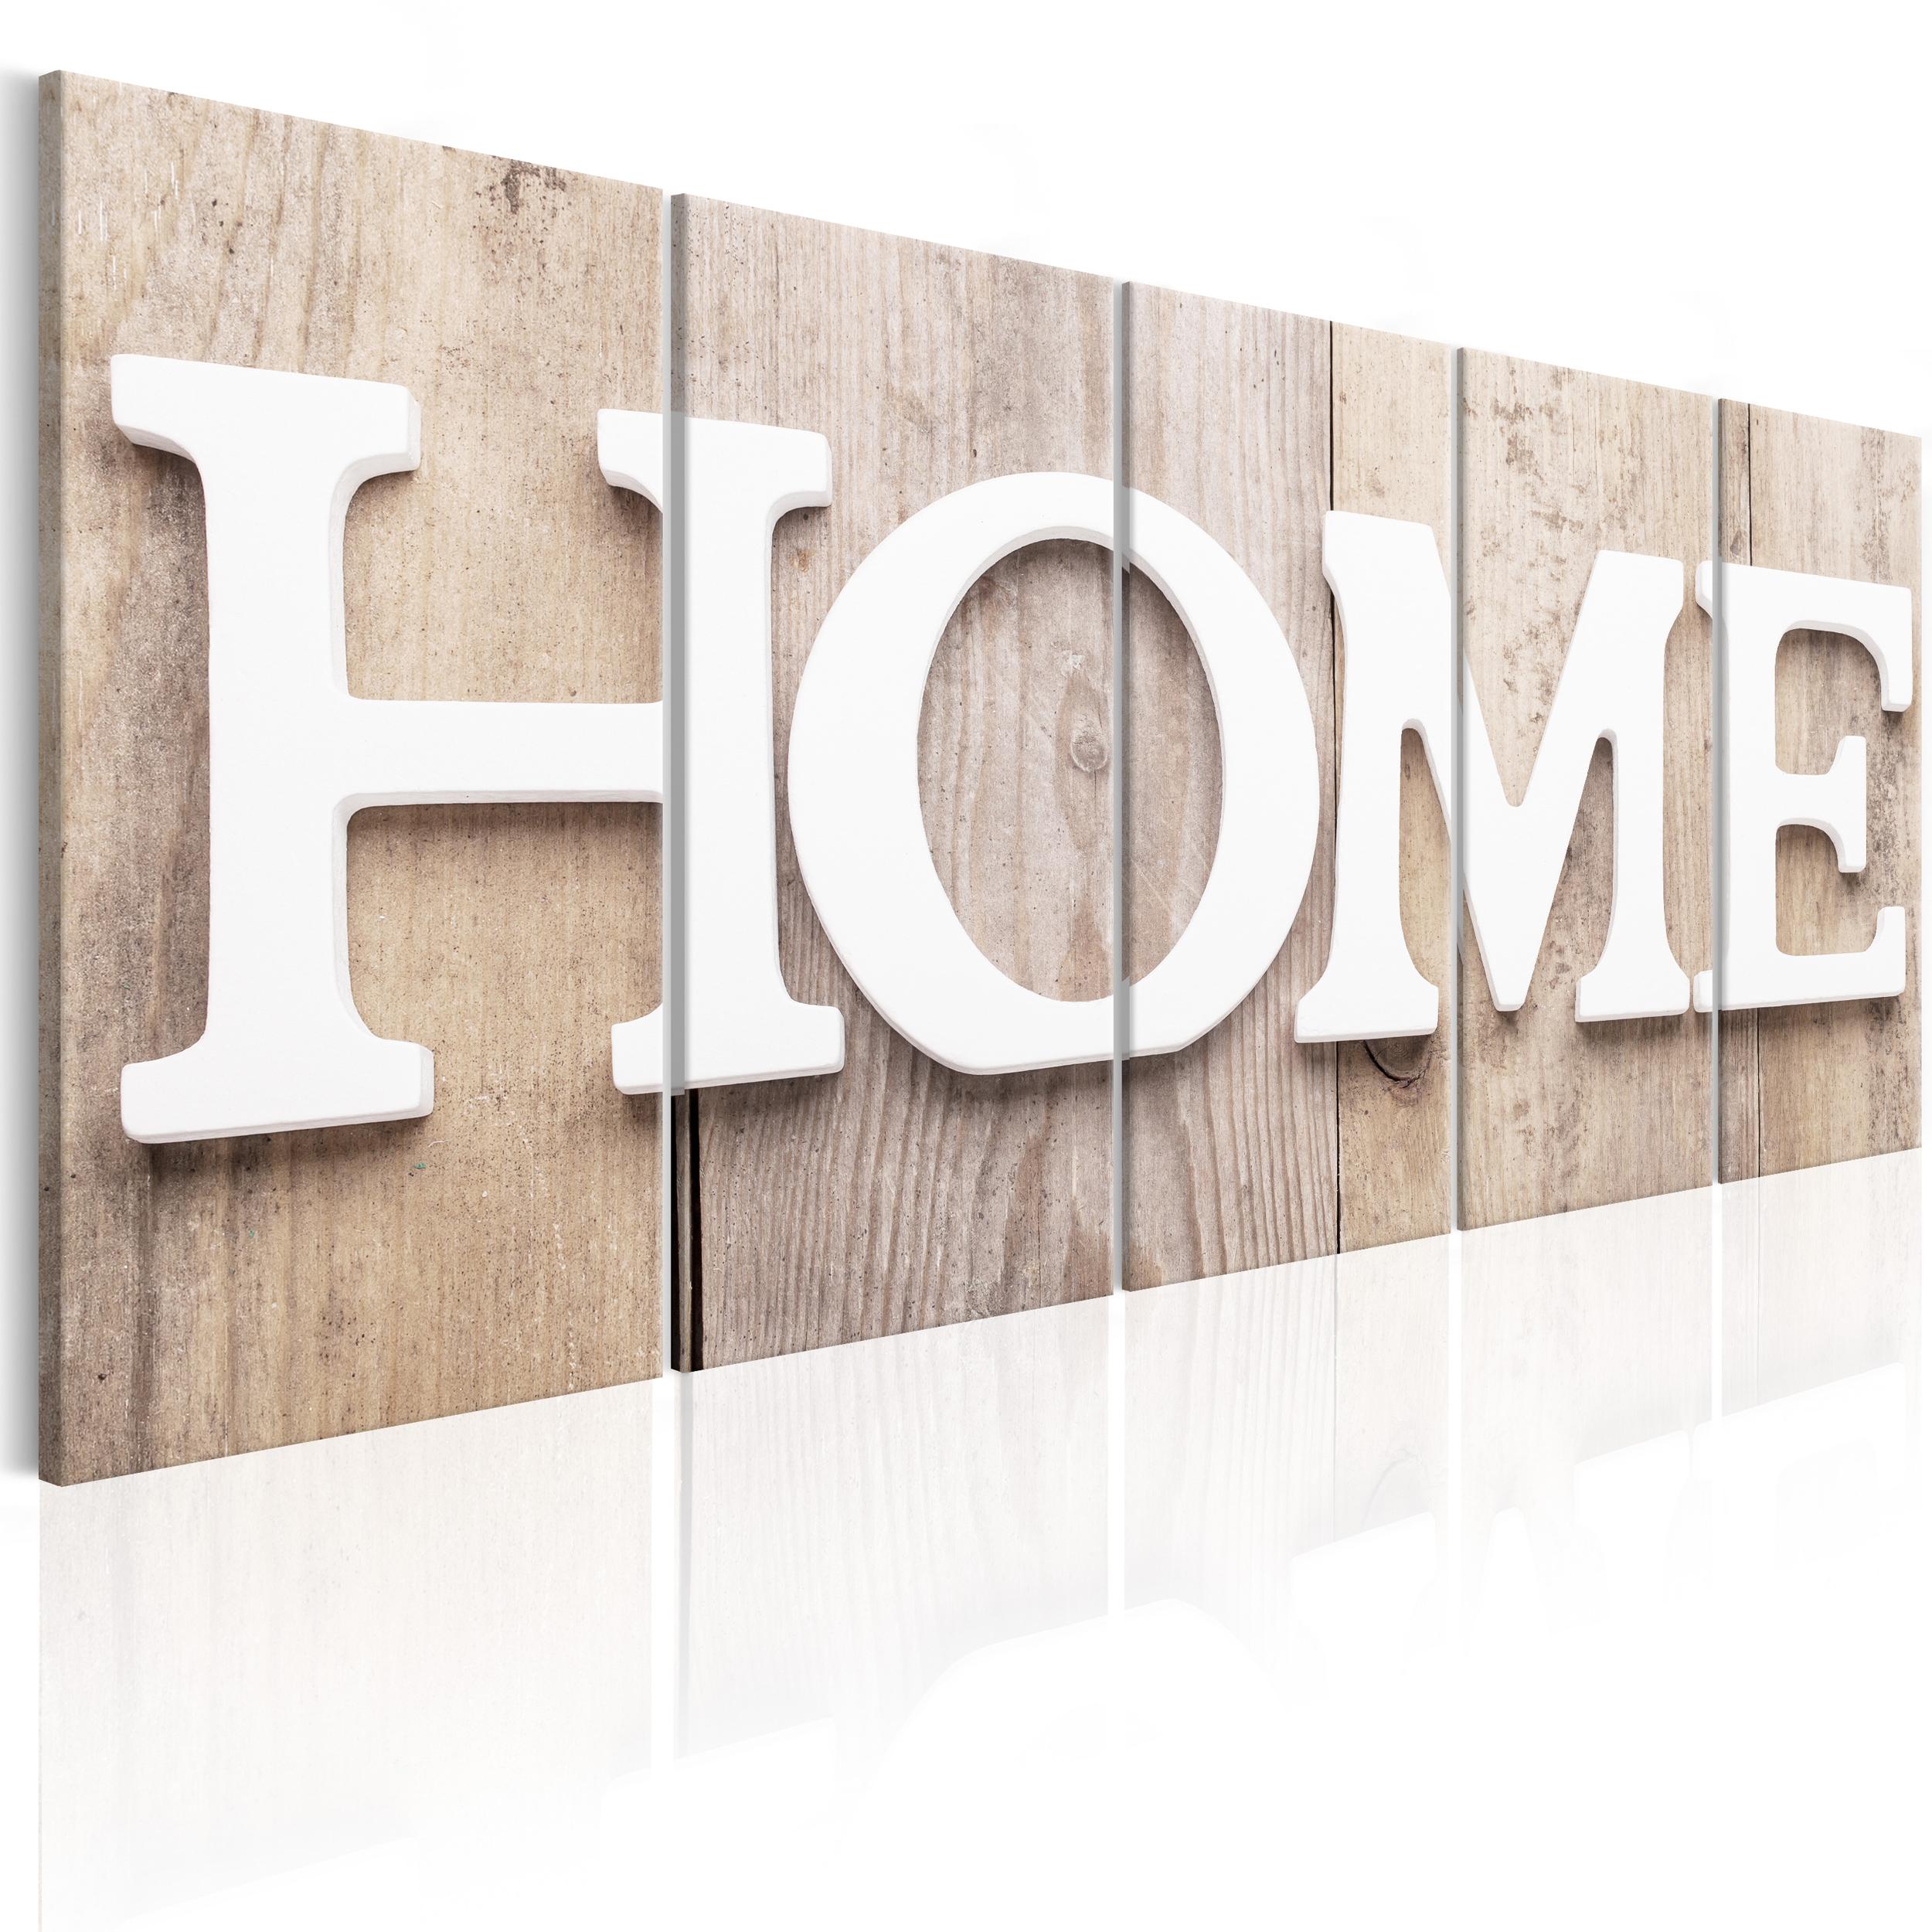 bilder leinwand bild home hause retro vintage holz. Black Bedroom Furniture Sets. Home Design Ideas